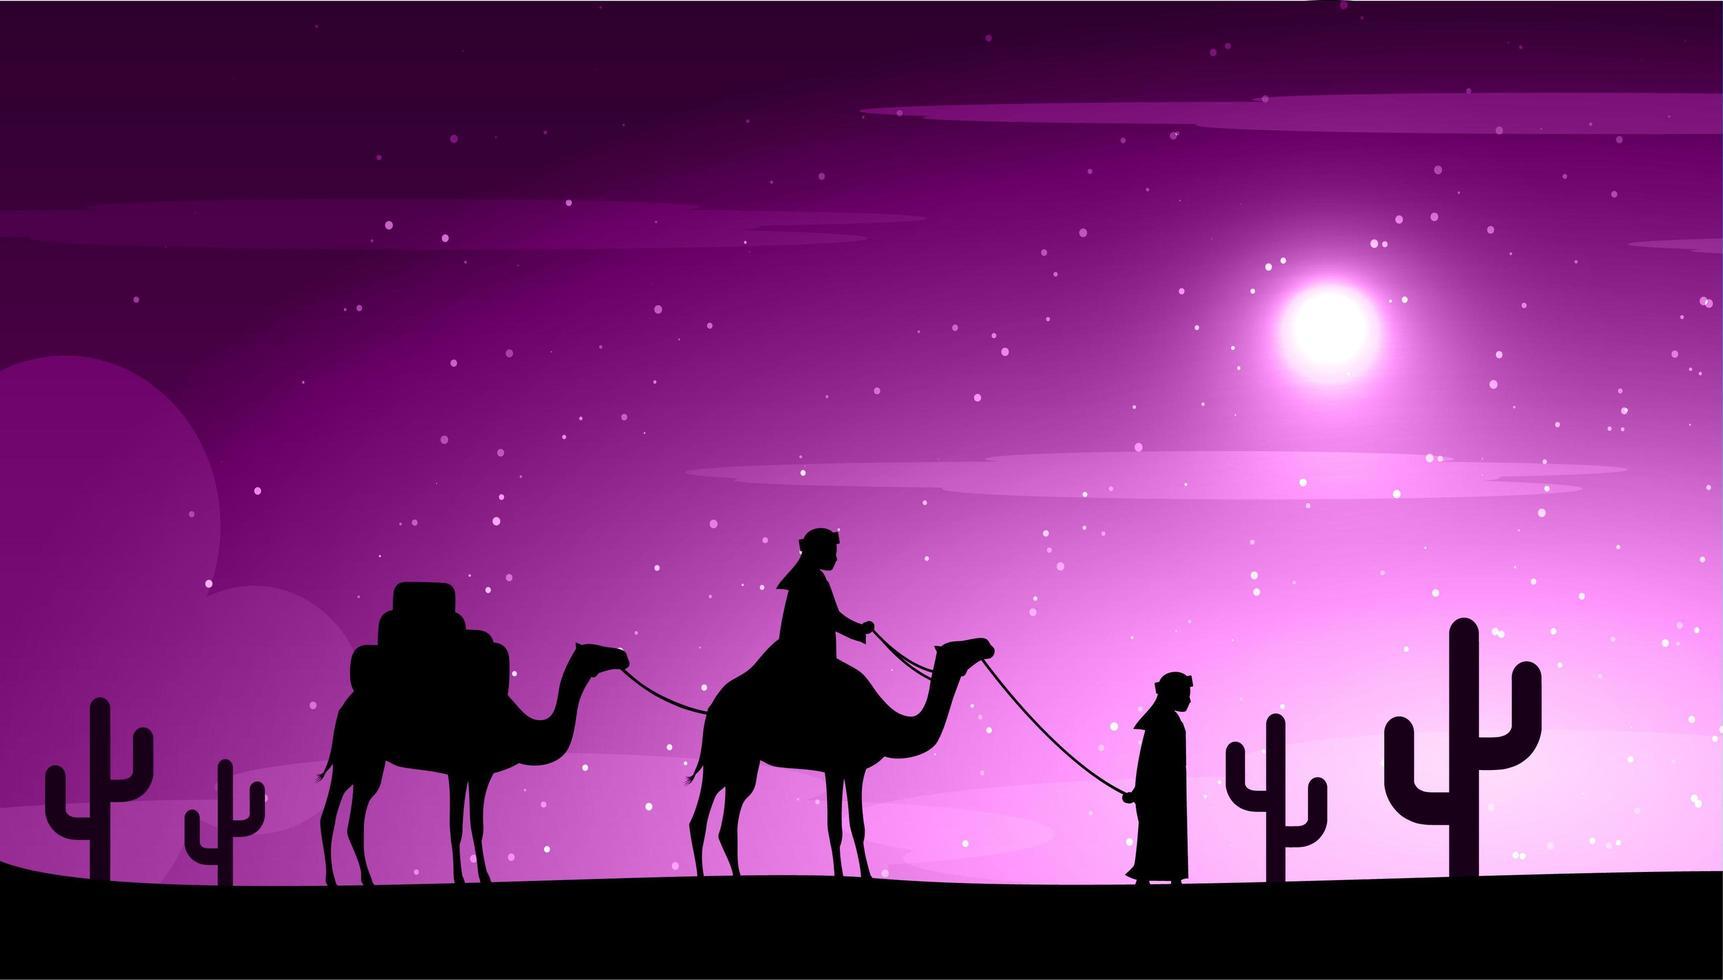 camelos no deserto à noite sob a lua vetor